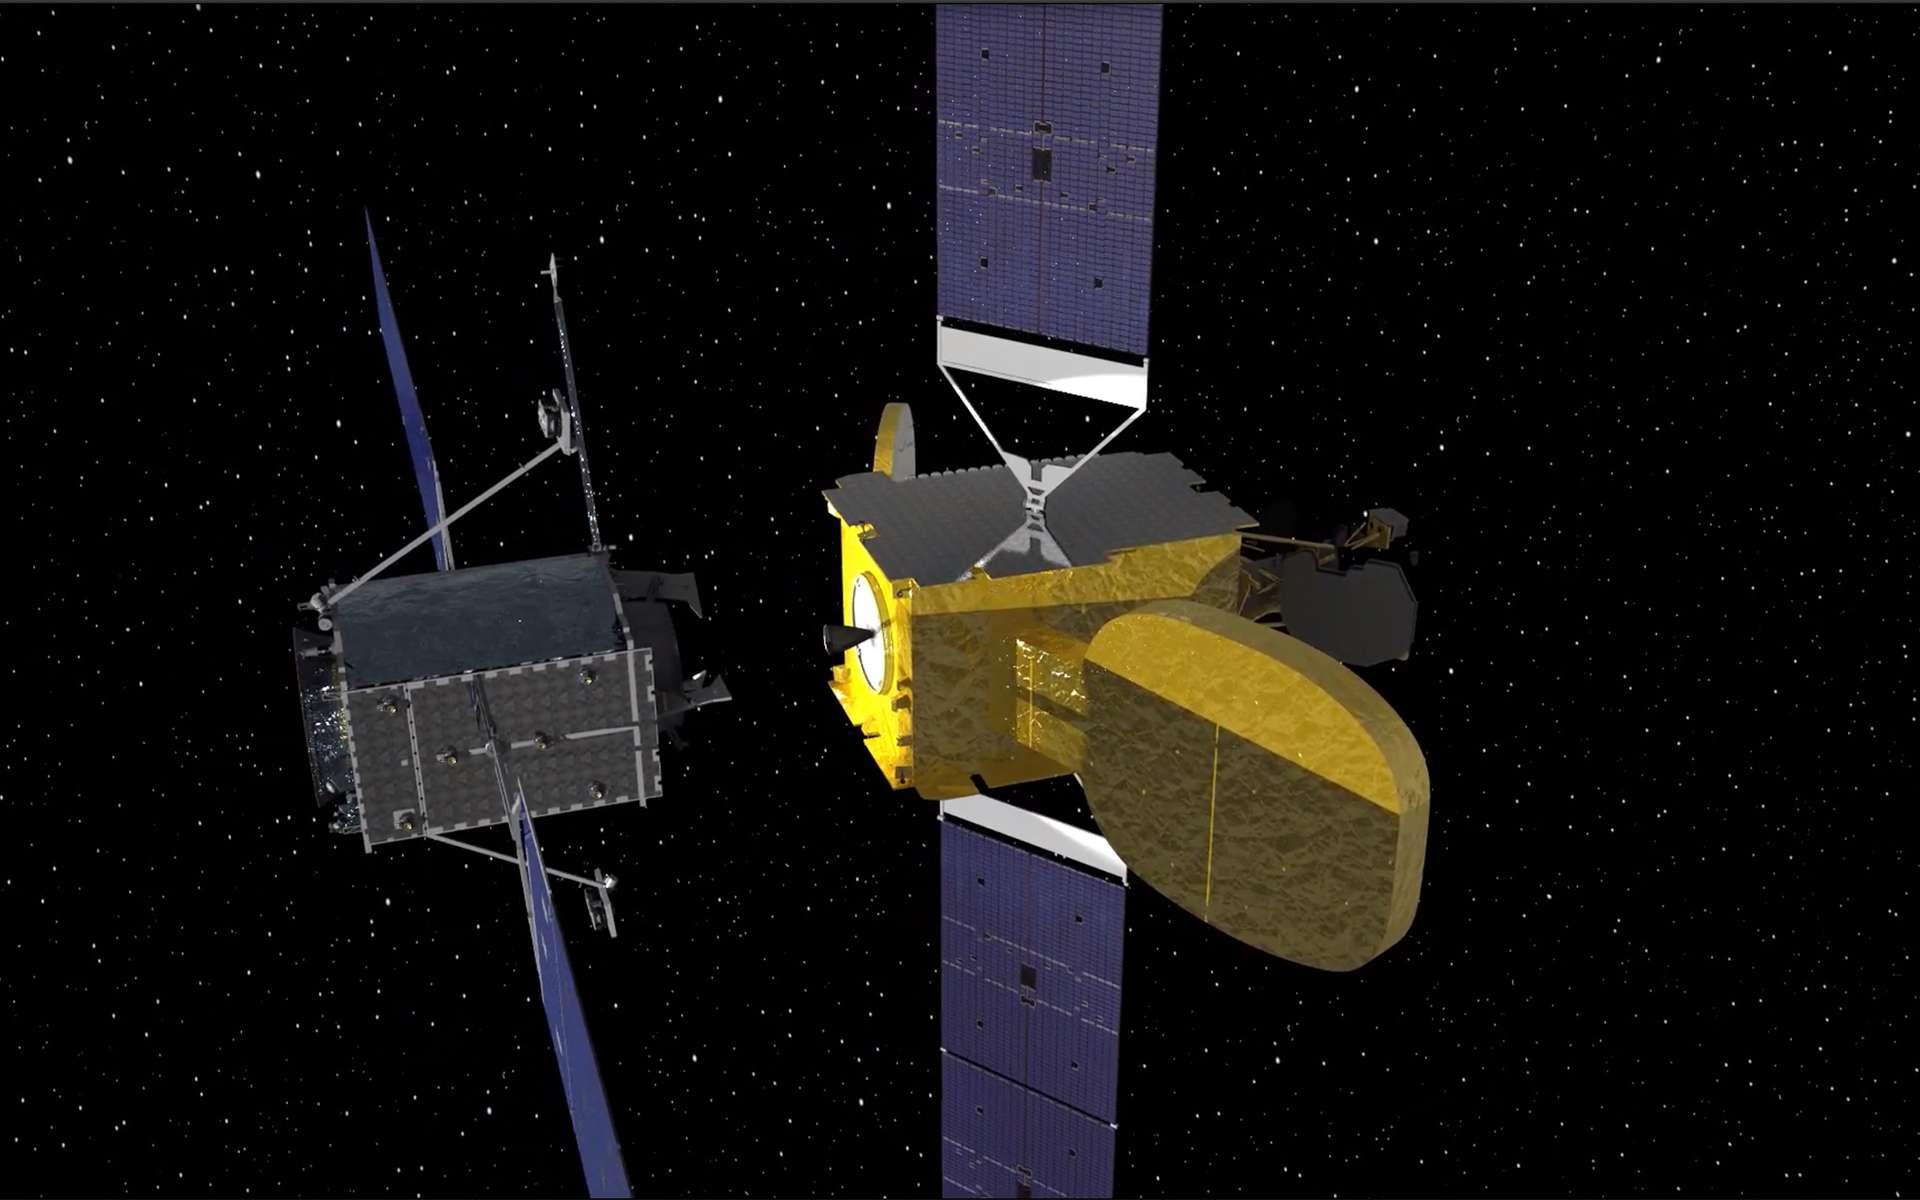 Vue d'artiste du remorqueur spatial MEV de Northrop Grumman qui vient s'amarrer au satellite Intelsat 901 de façon à accroître sa durée de vie de plusieurs années. Ce module sera utilisé comme système de propulsion additionnel et permettra toutes les manœuvres orbitales nécessaires au bon positionnement du satellite. © Northrop Grumman